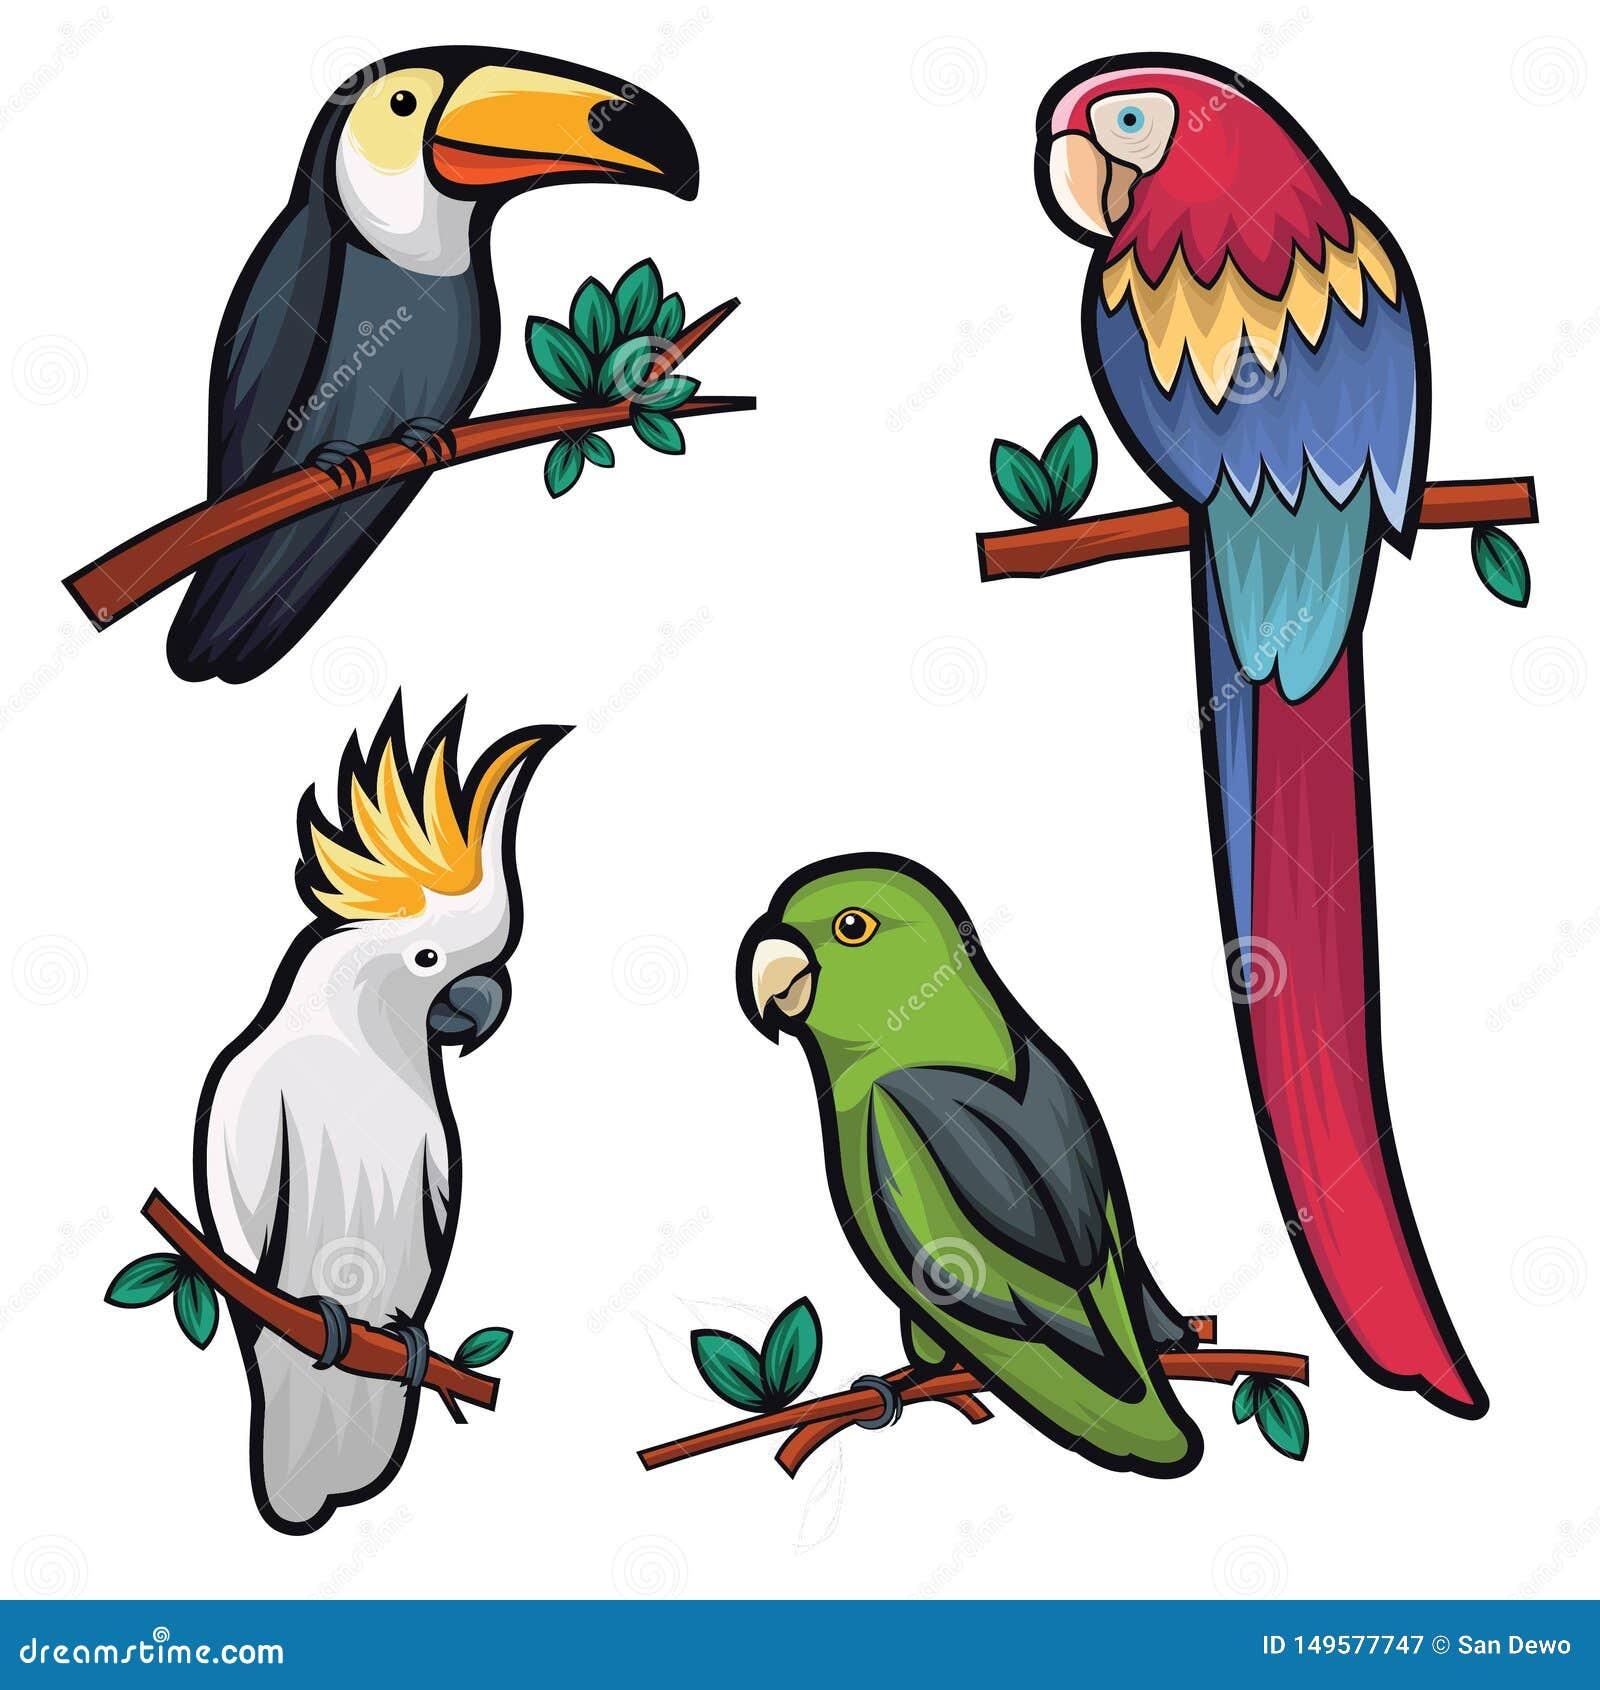 Illustratie van vier koele vogels